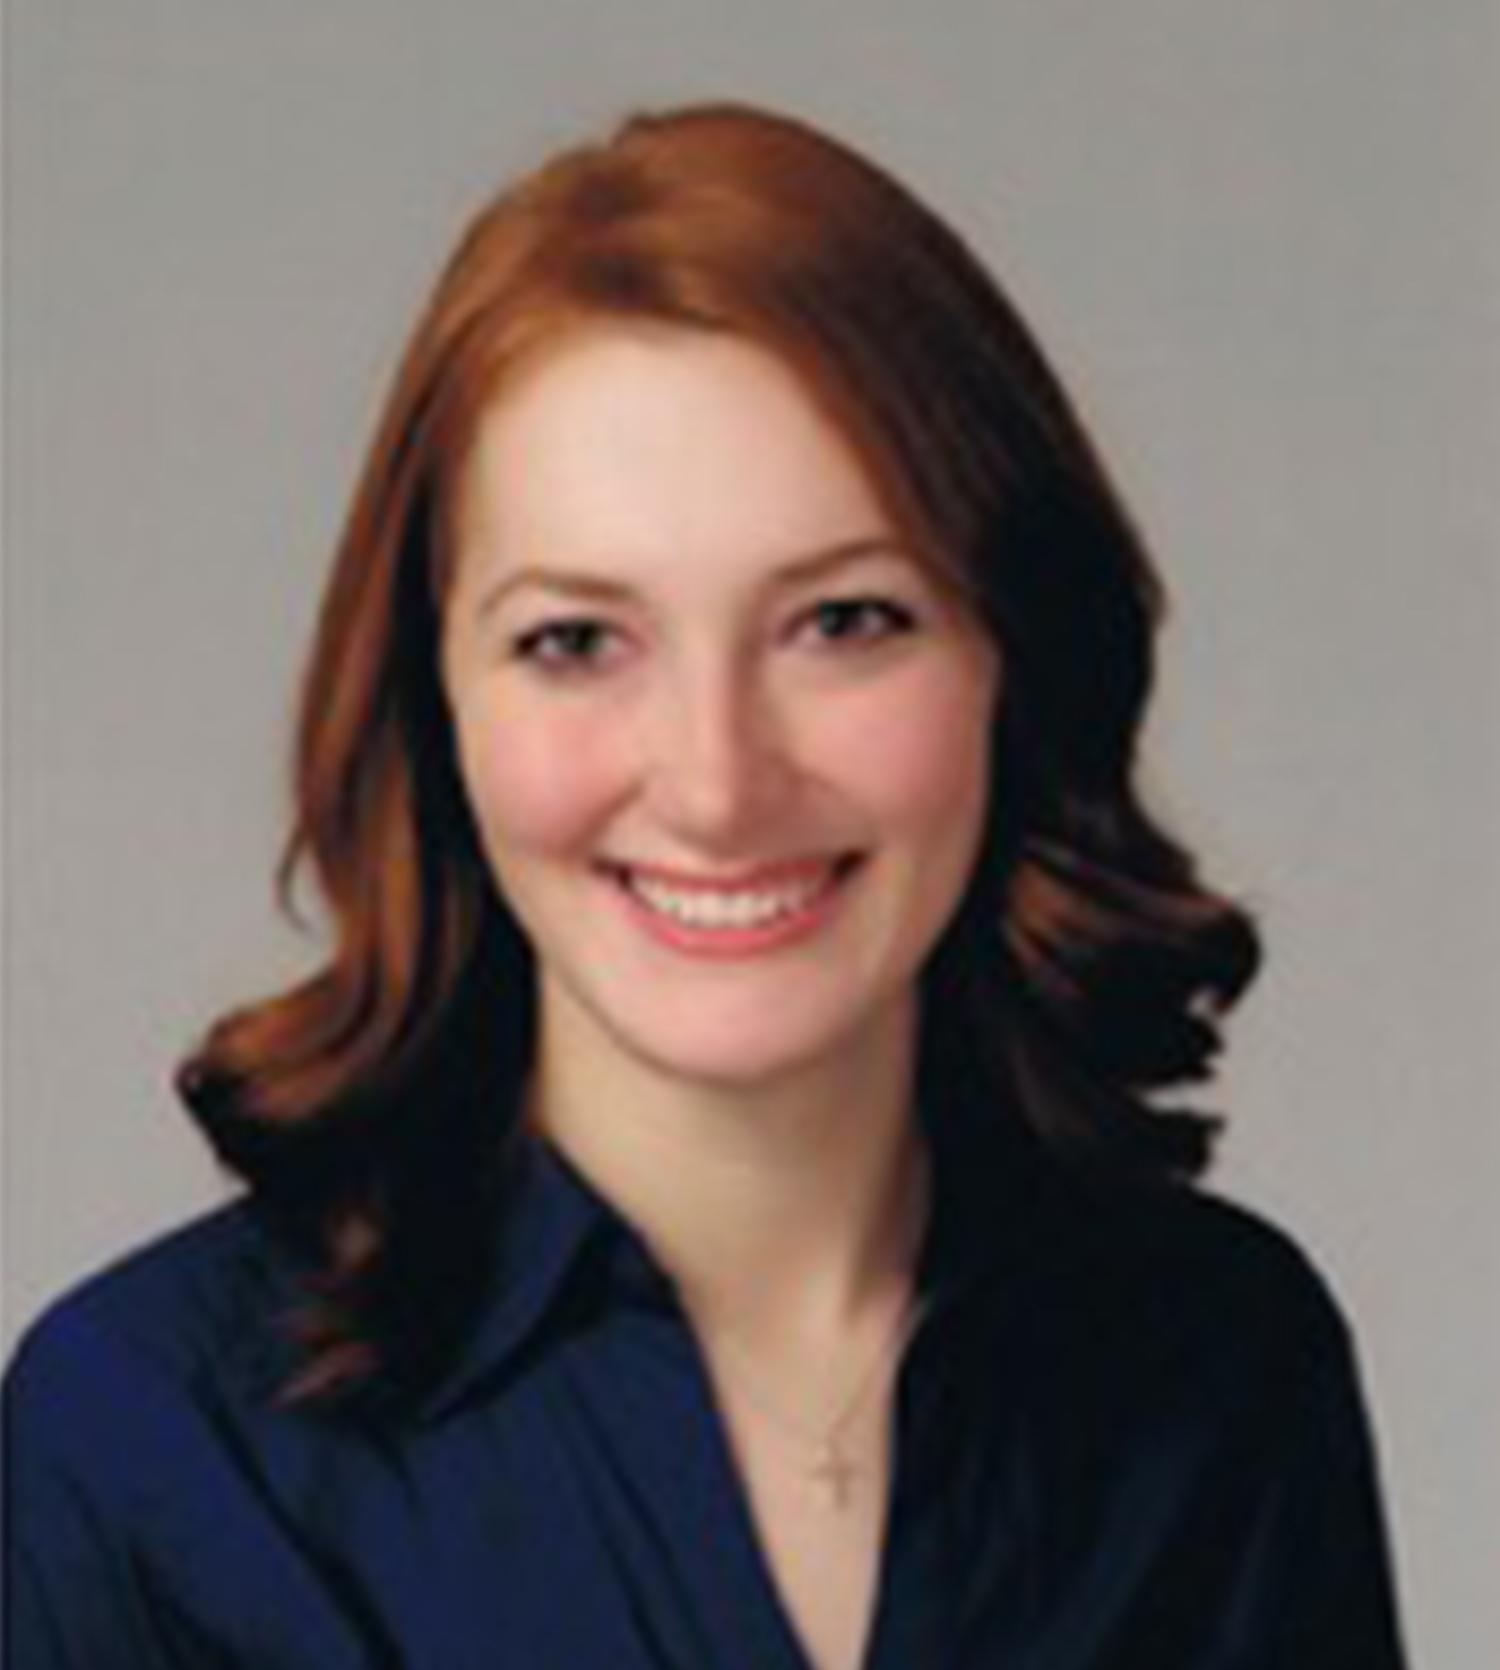 Dr. Megan Leyda